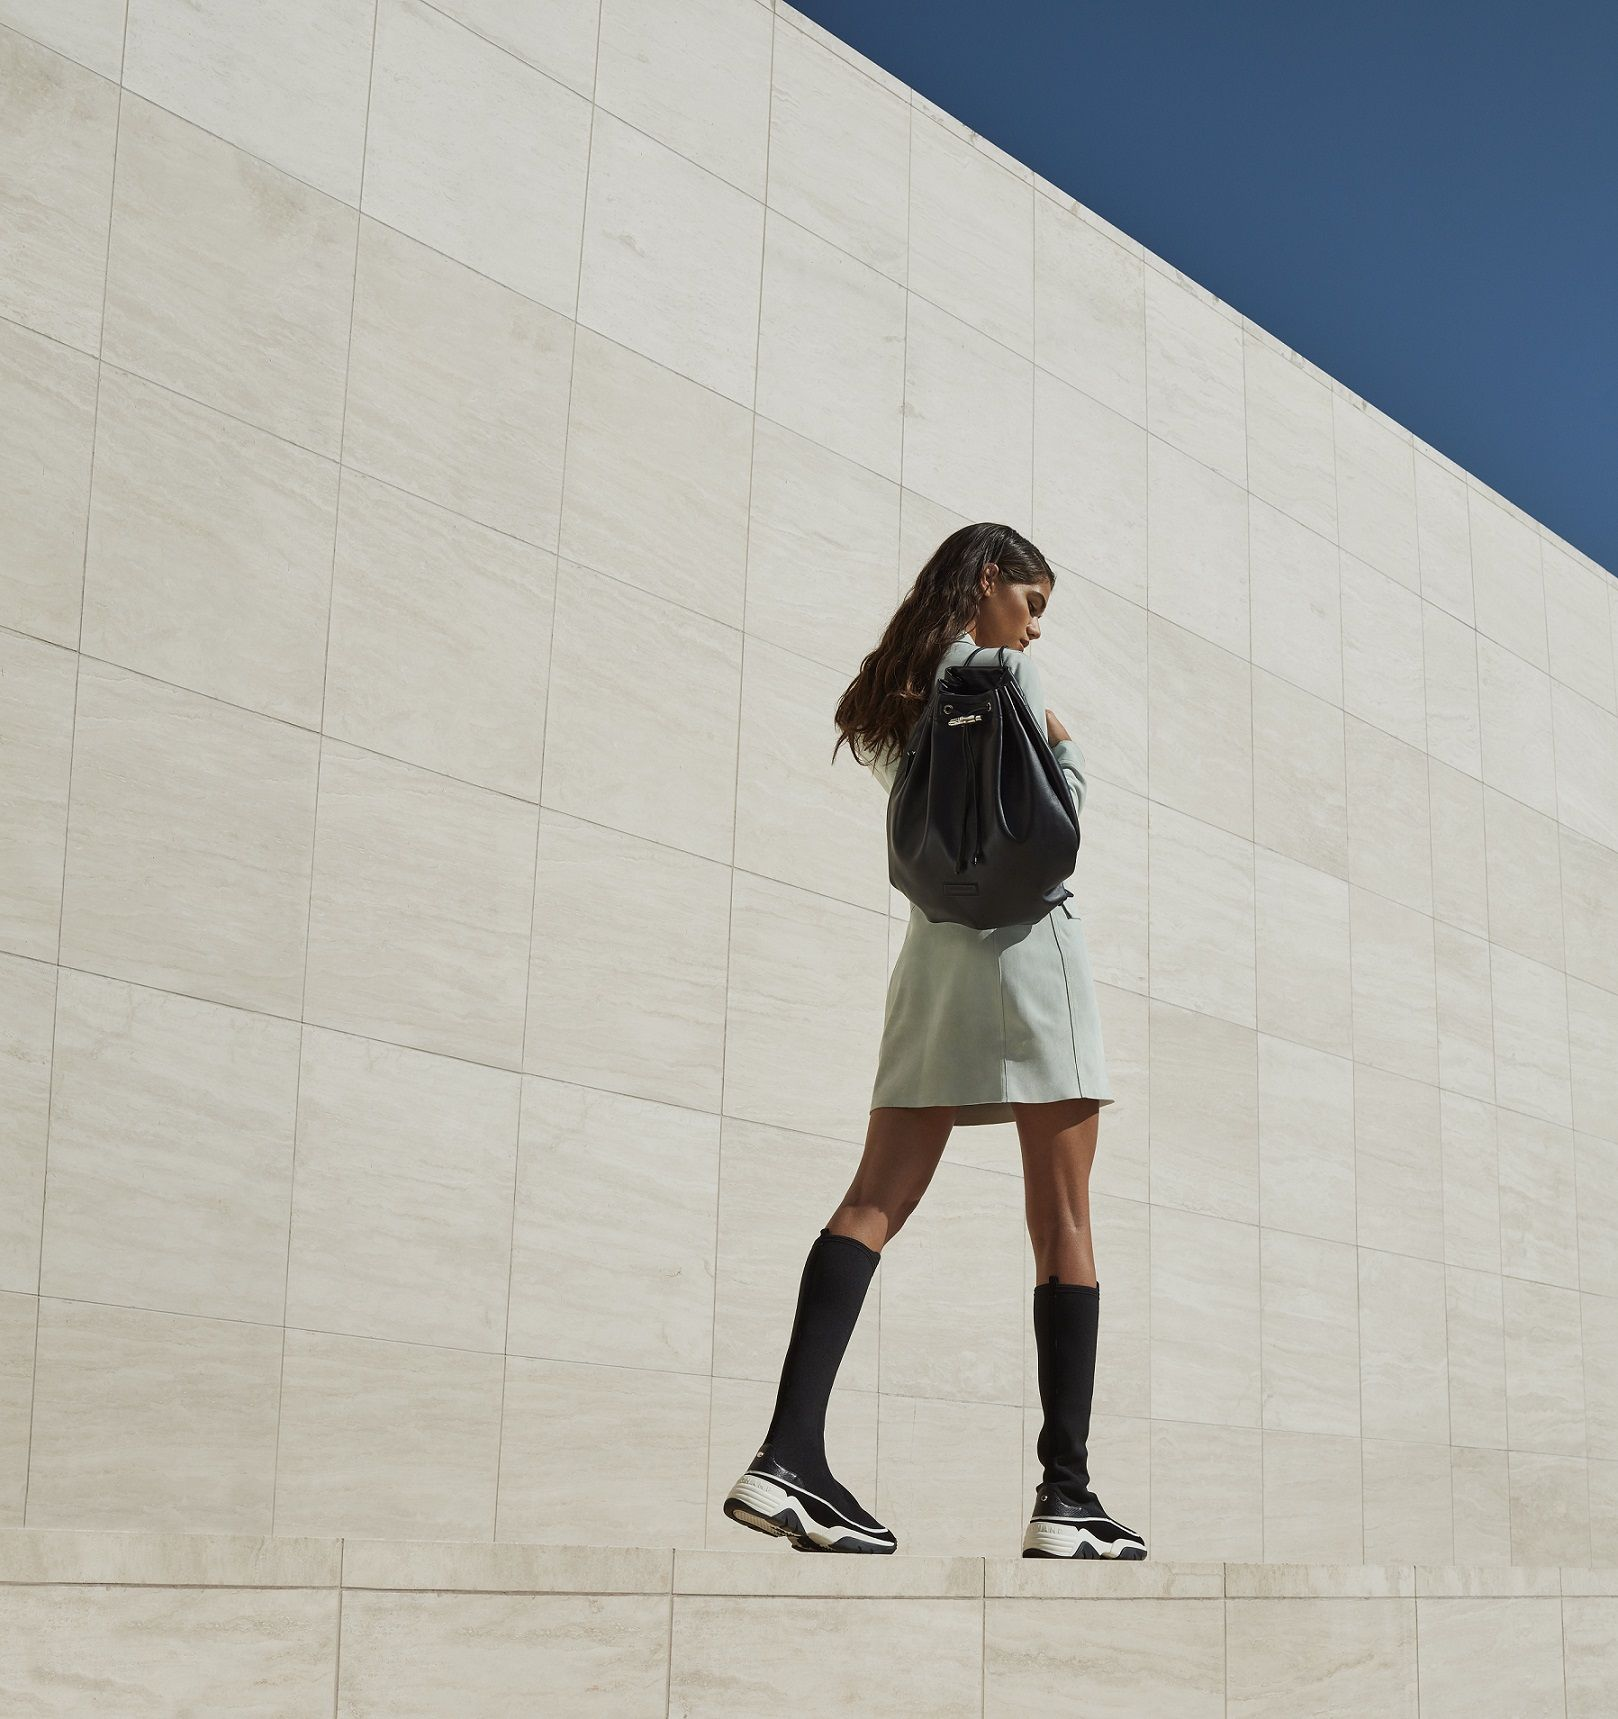 防疫也要美麗!最適合背去戶外踏青的法式小包,讓你無時無刻展現優雅運動時尚